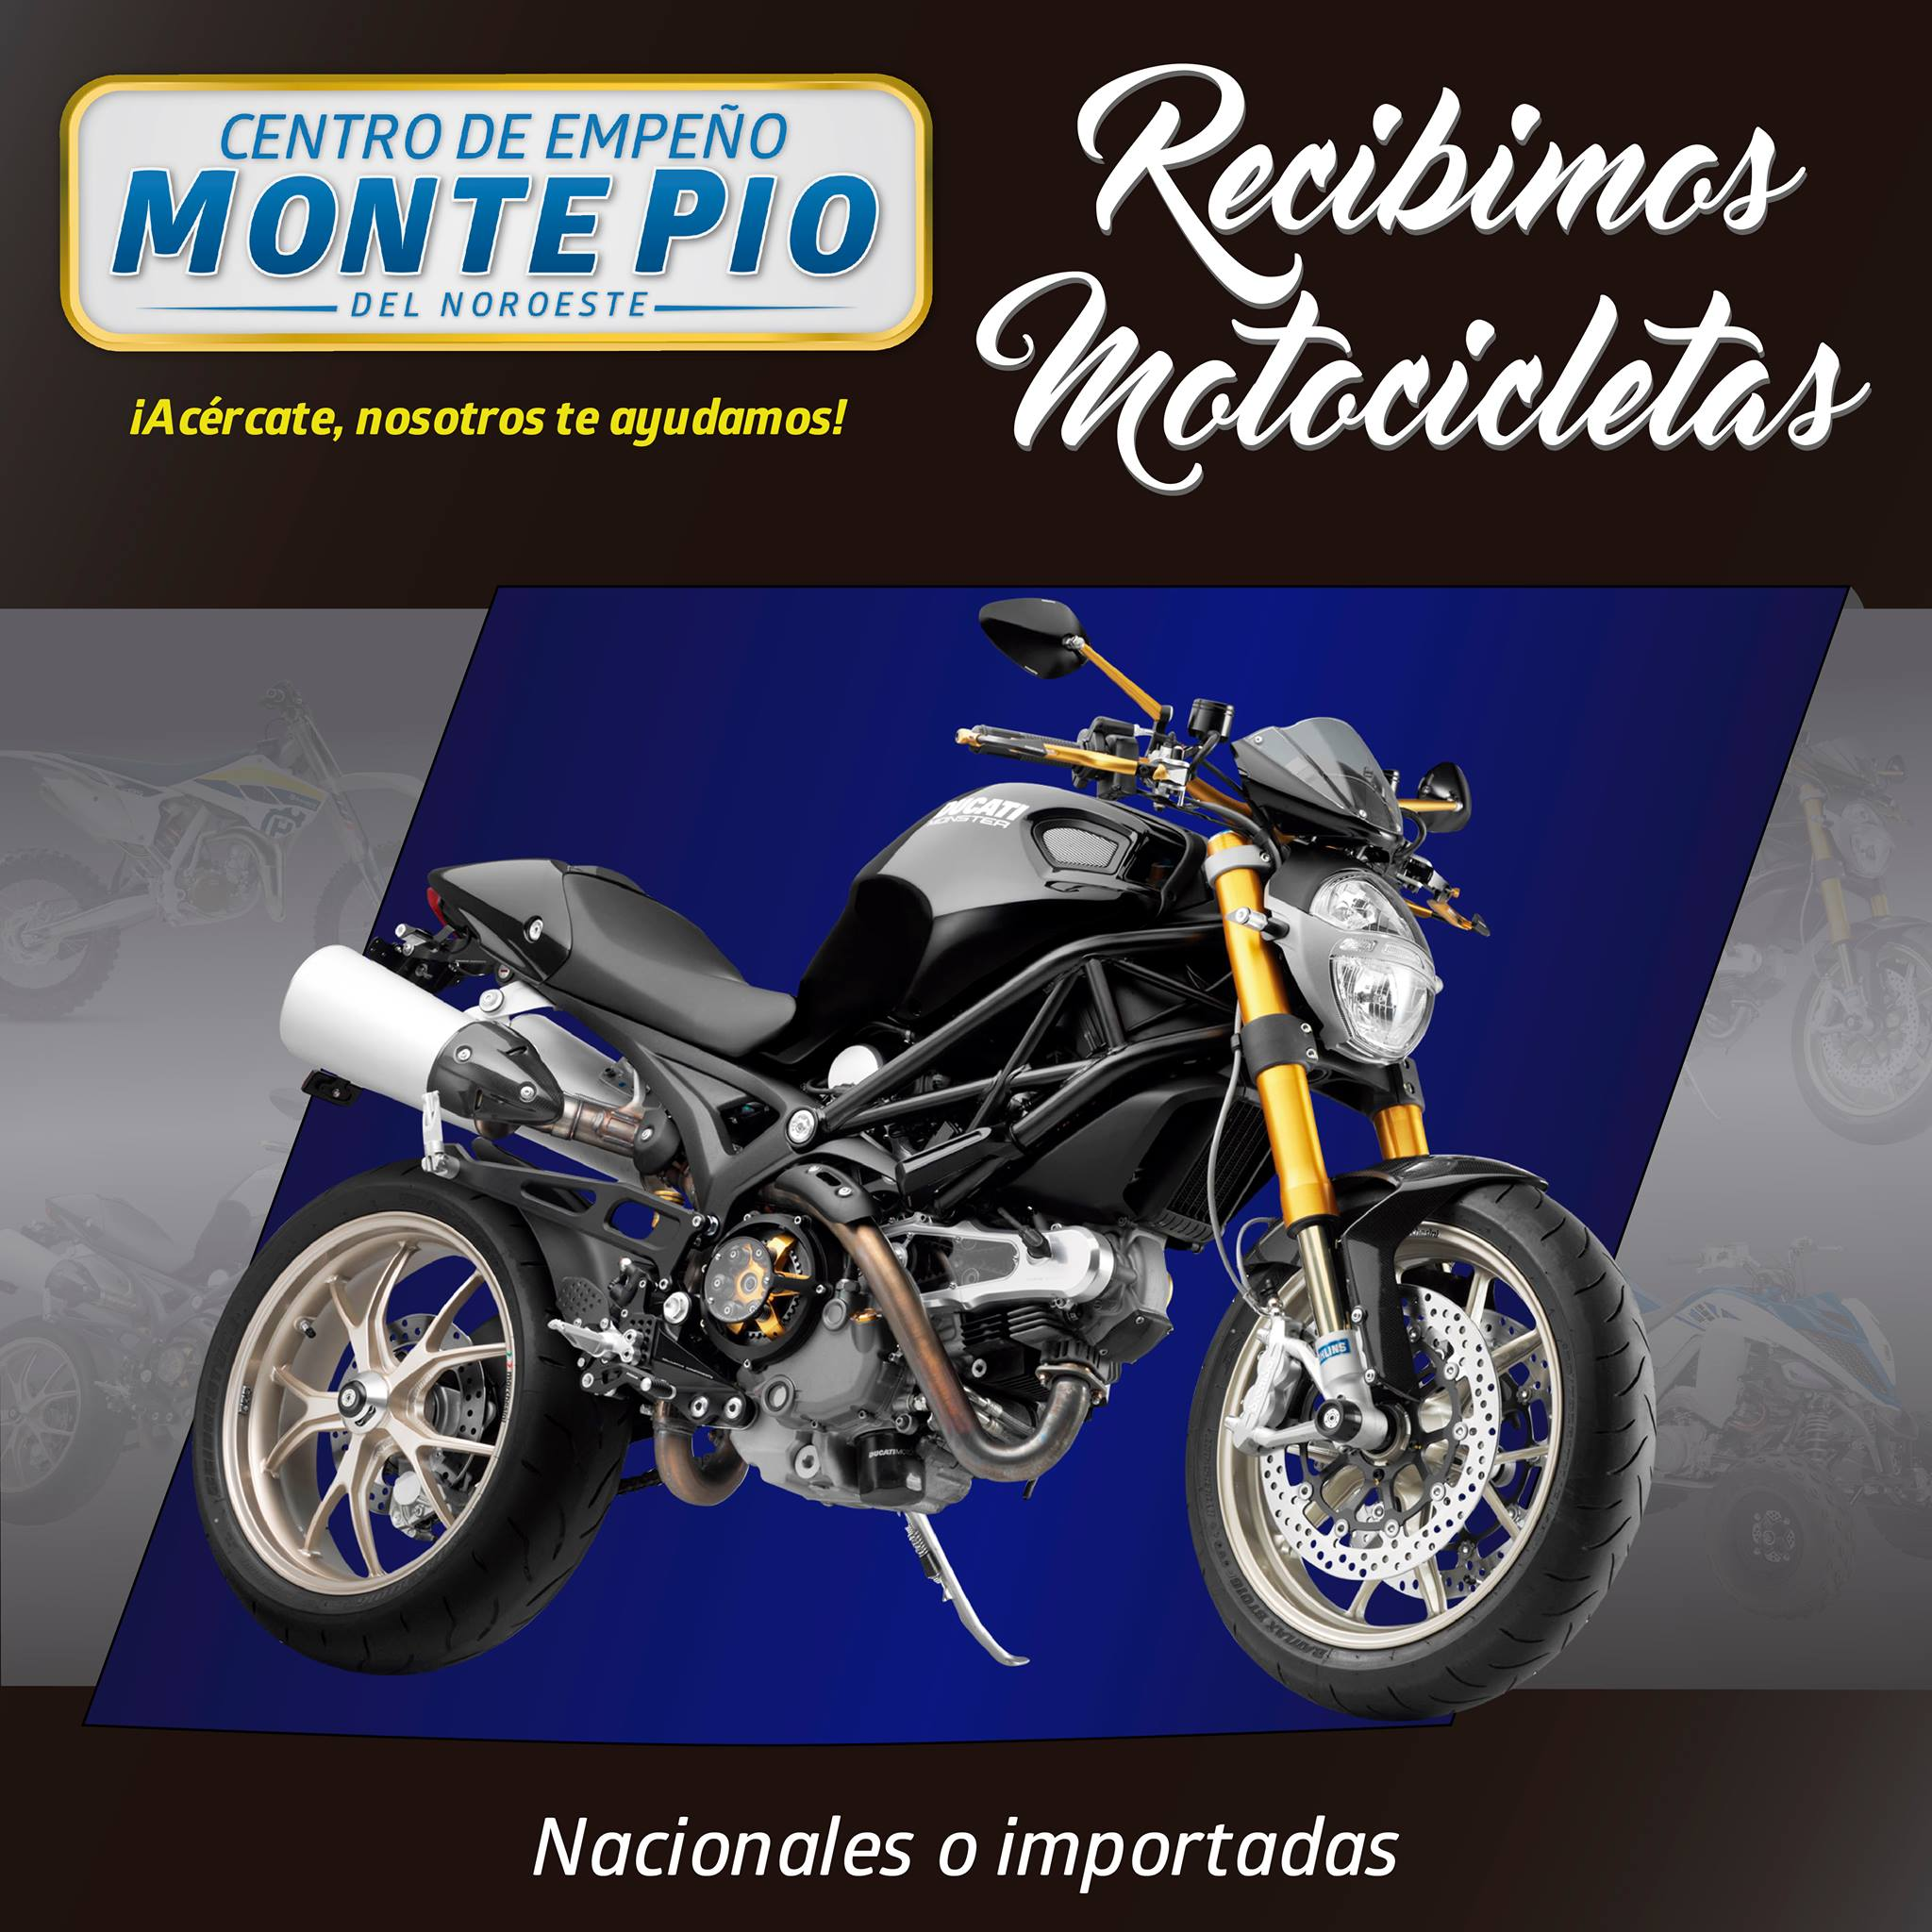 RECIBIMOS MOTOS